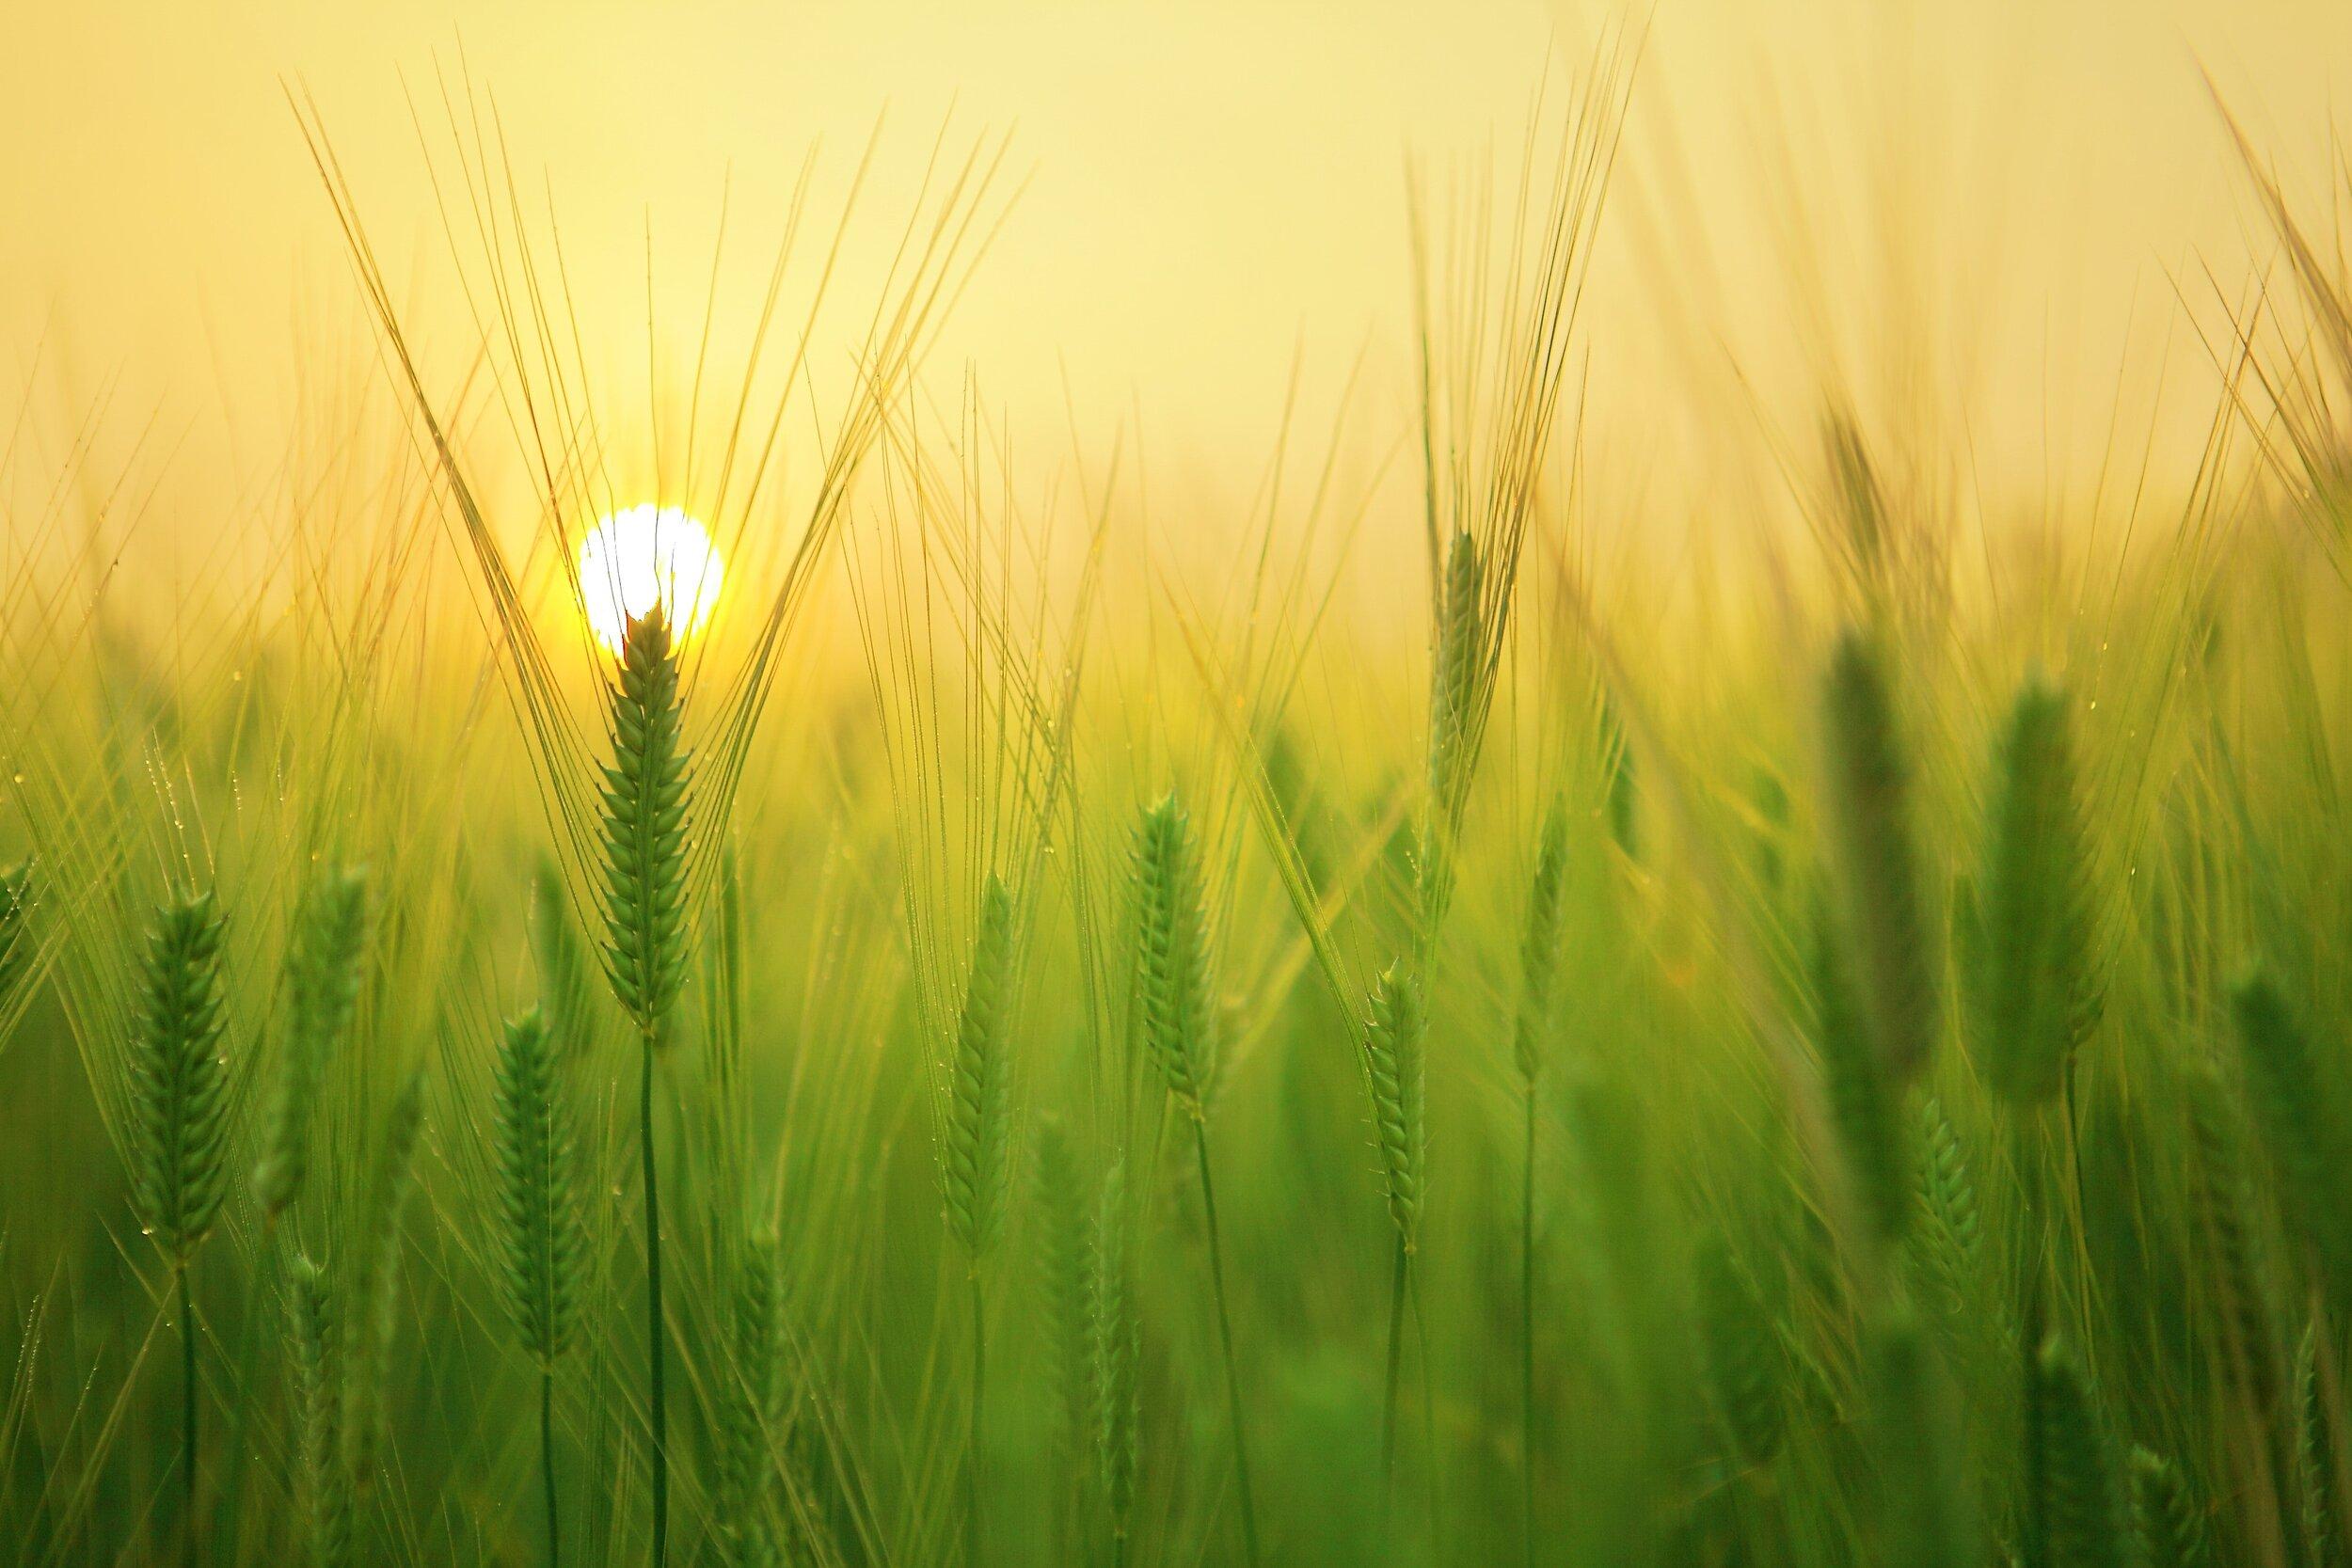 barley-field-beautiful-close-up-207247.jpg